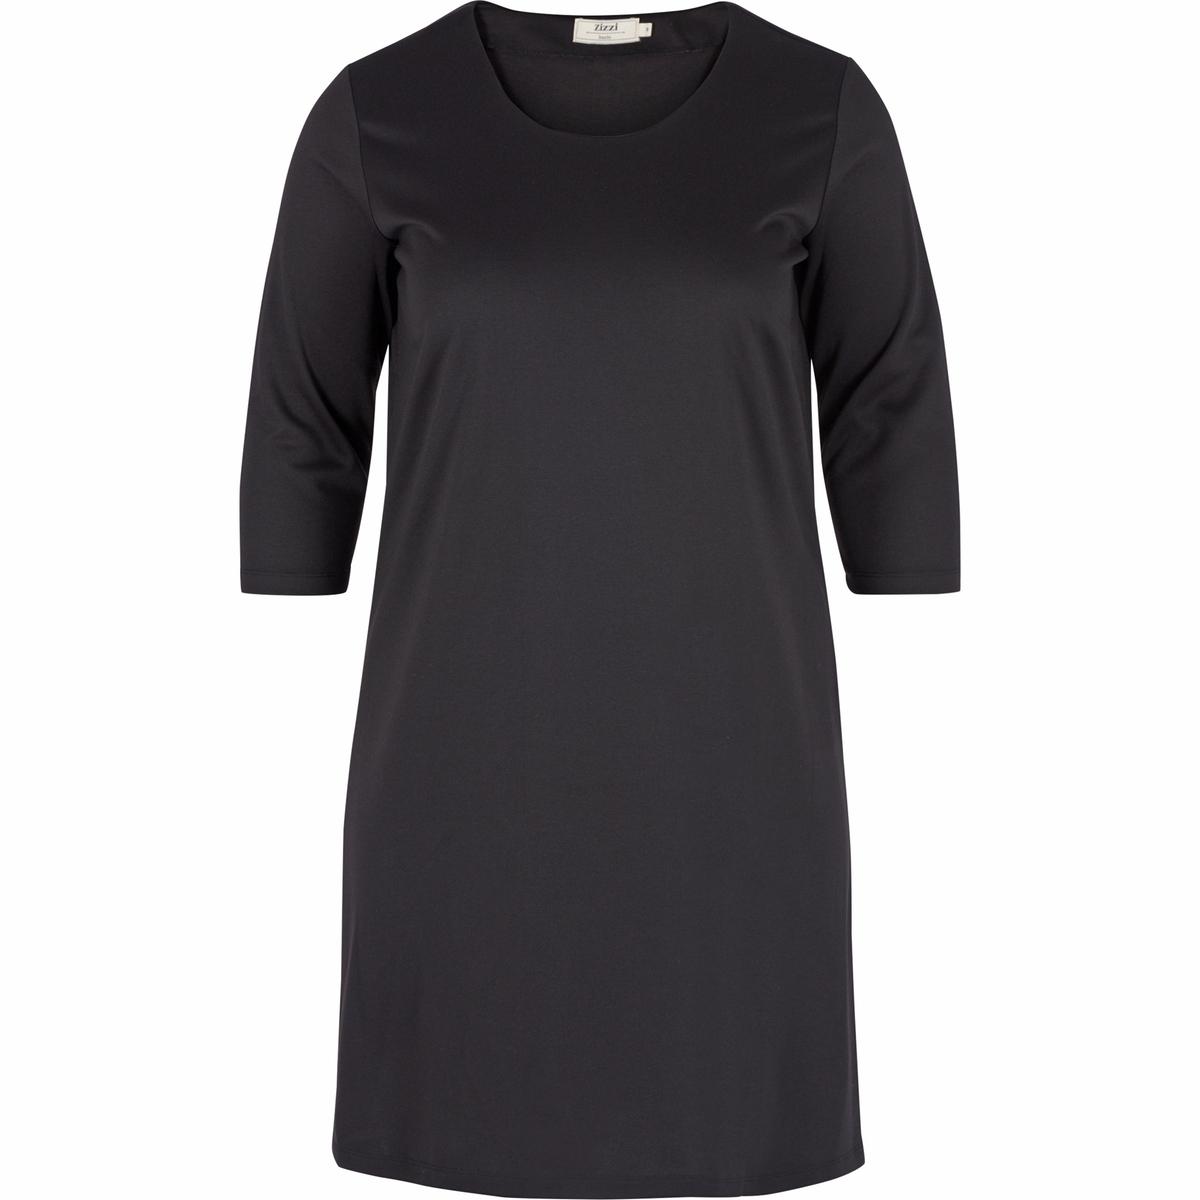 ПлатьеПлатье с рукавами 3/4 - ZIZZI. 95% полиэстера, 5% эластана. Красивое платье с рукавами 3/4 и круглым вырезом. Можно надевать для любого случая<br><br>Цвет: черный<br>Размер: 54/56 (FR) - 60/62 (RUS)